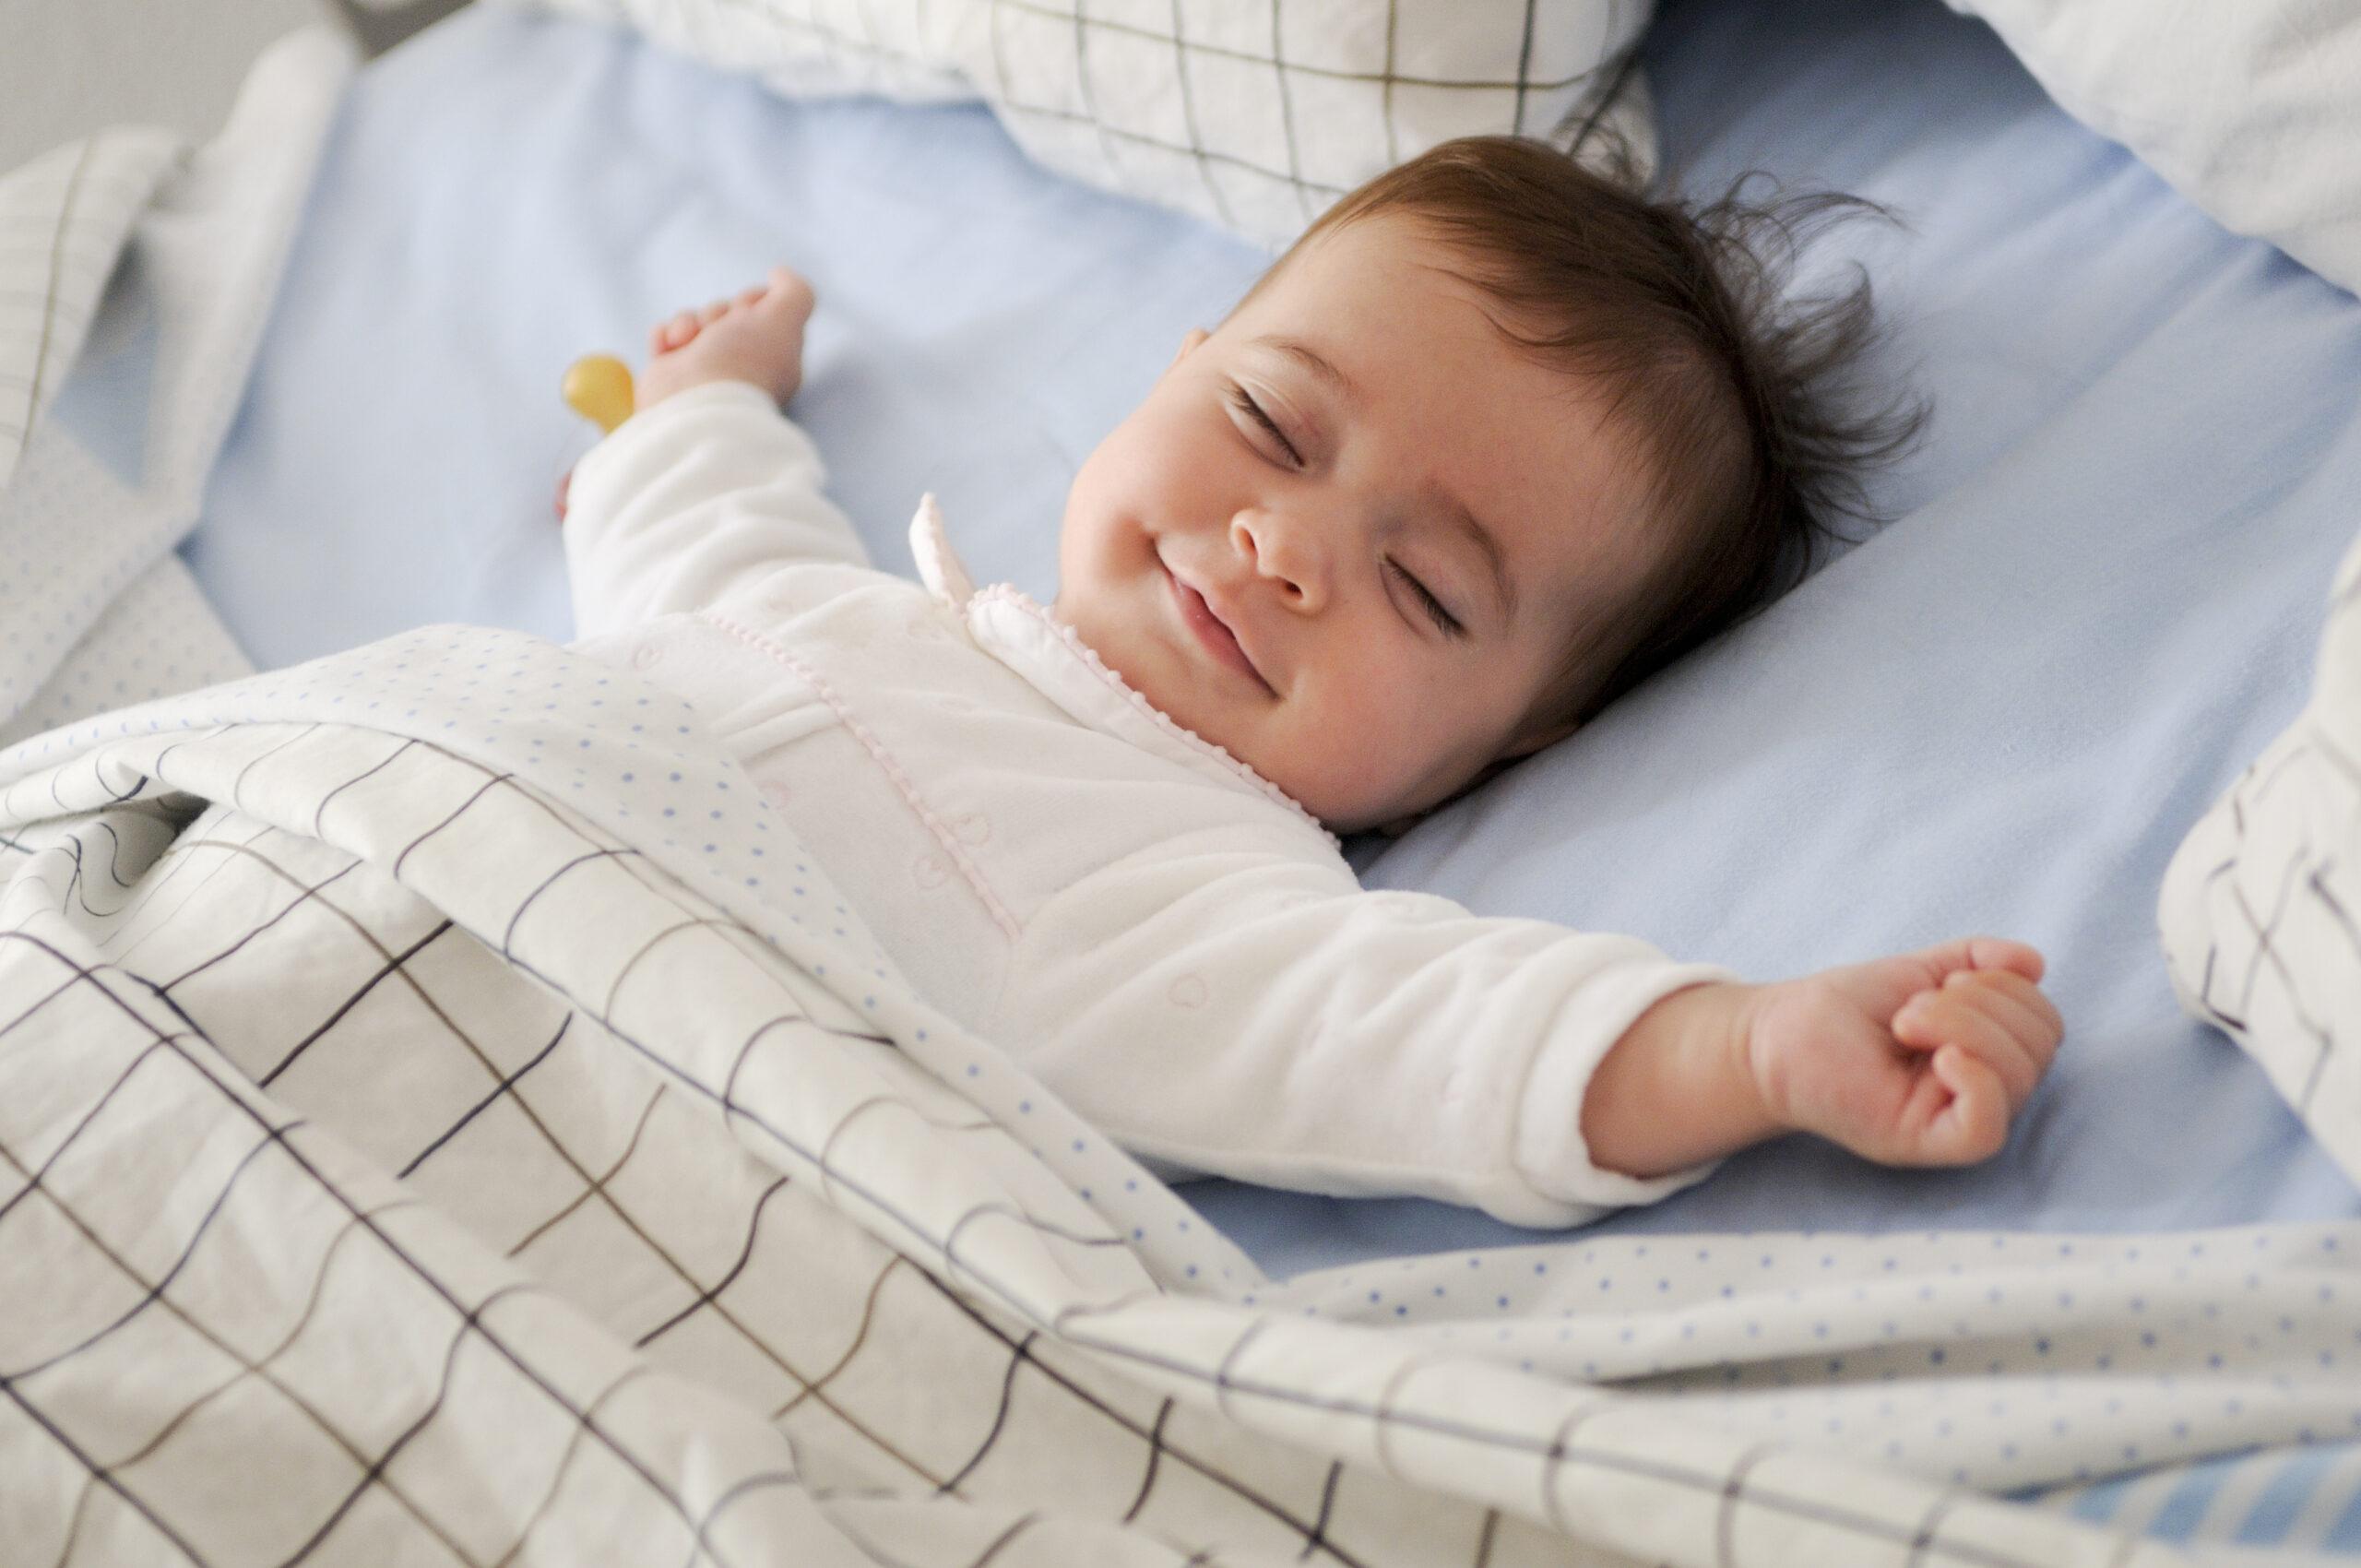 Mỗi trẻ sẽ có một nhu cầu về thời gian ngủ, độ dài và độ sâu khác nhau